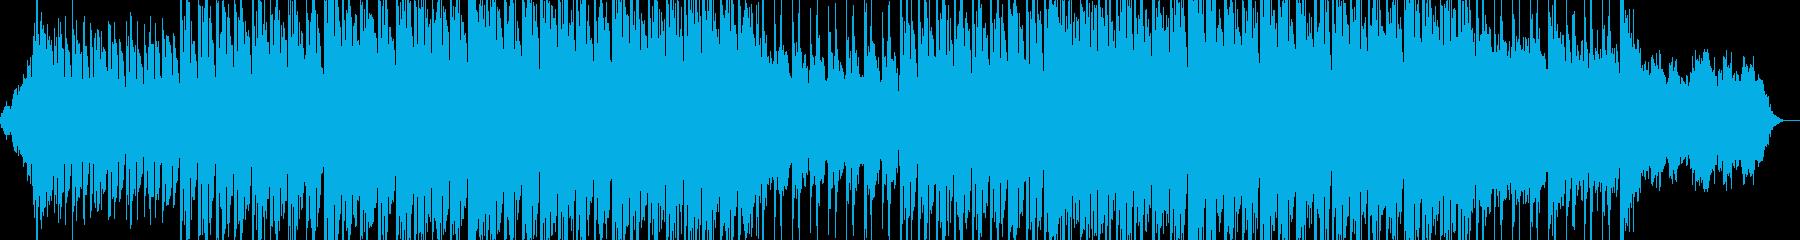 緊迫感漂う壮大なエレクトロニカ風BGMの再生済みの波形